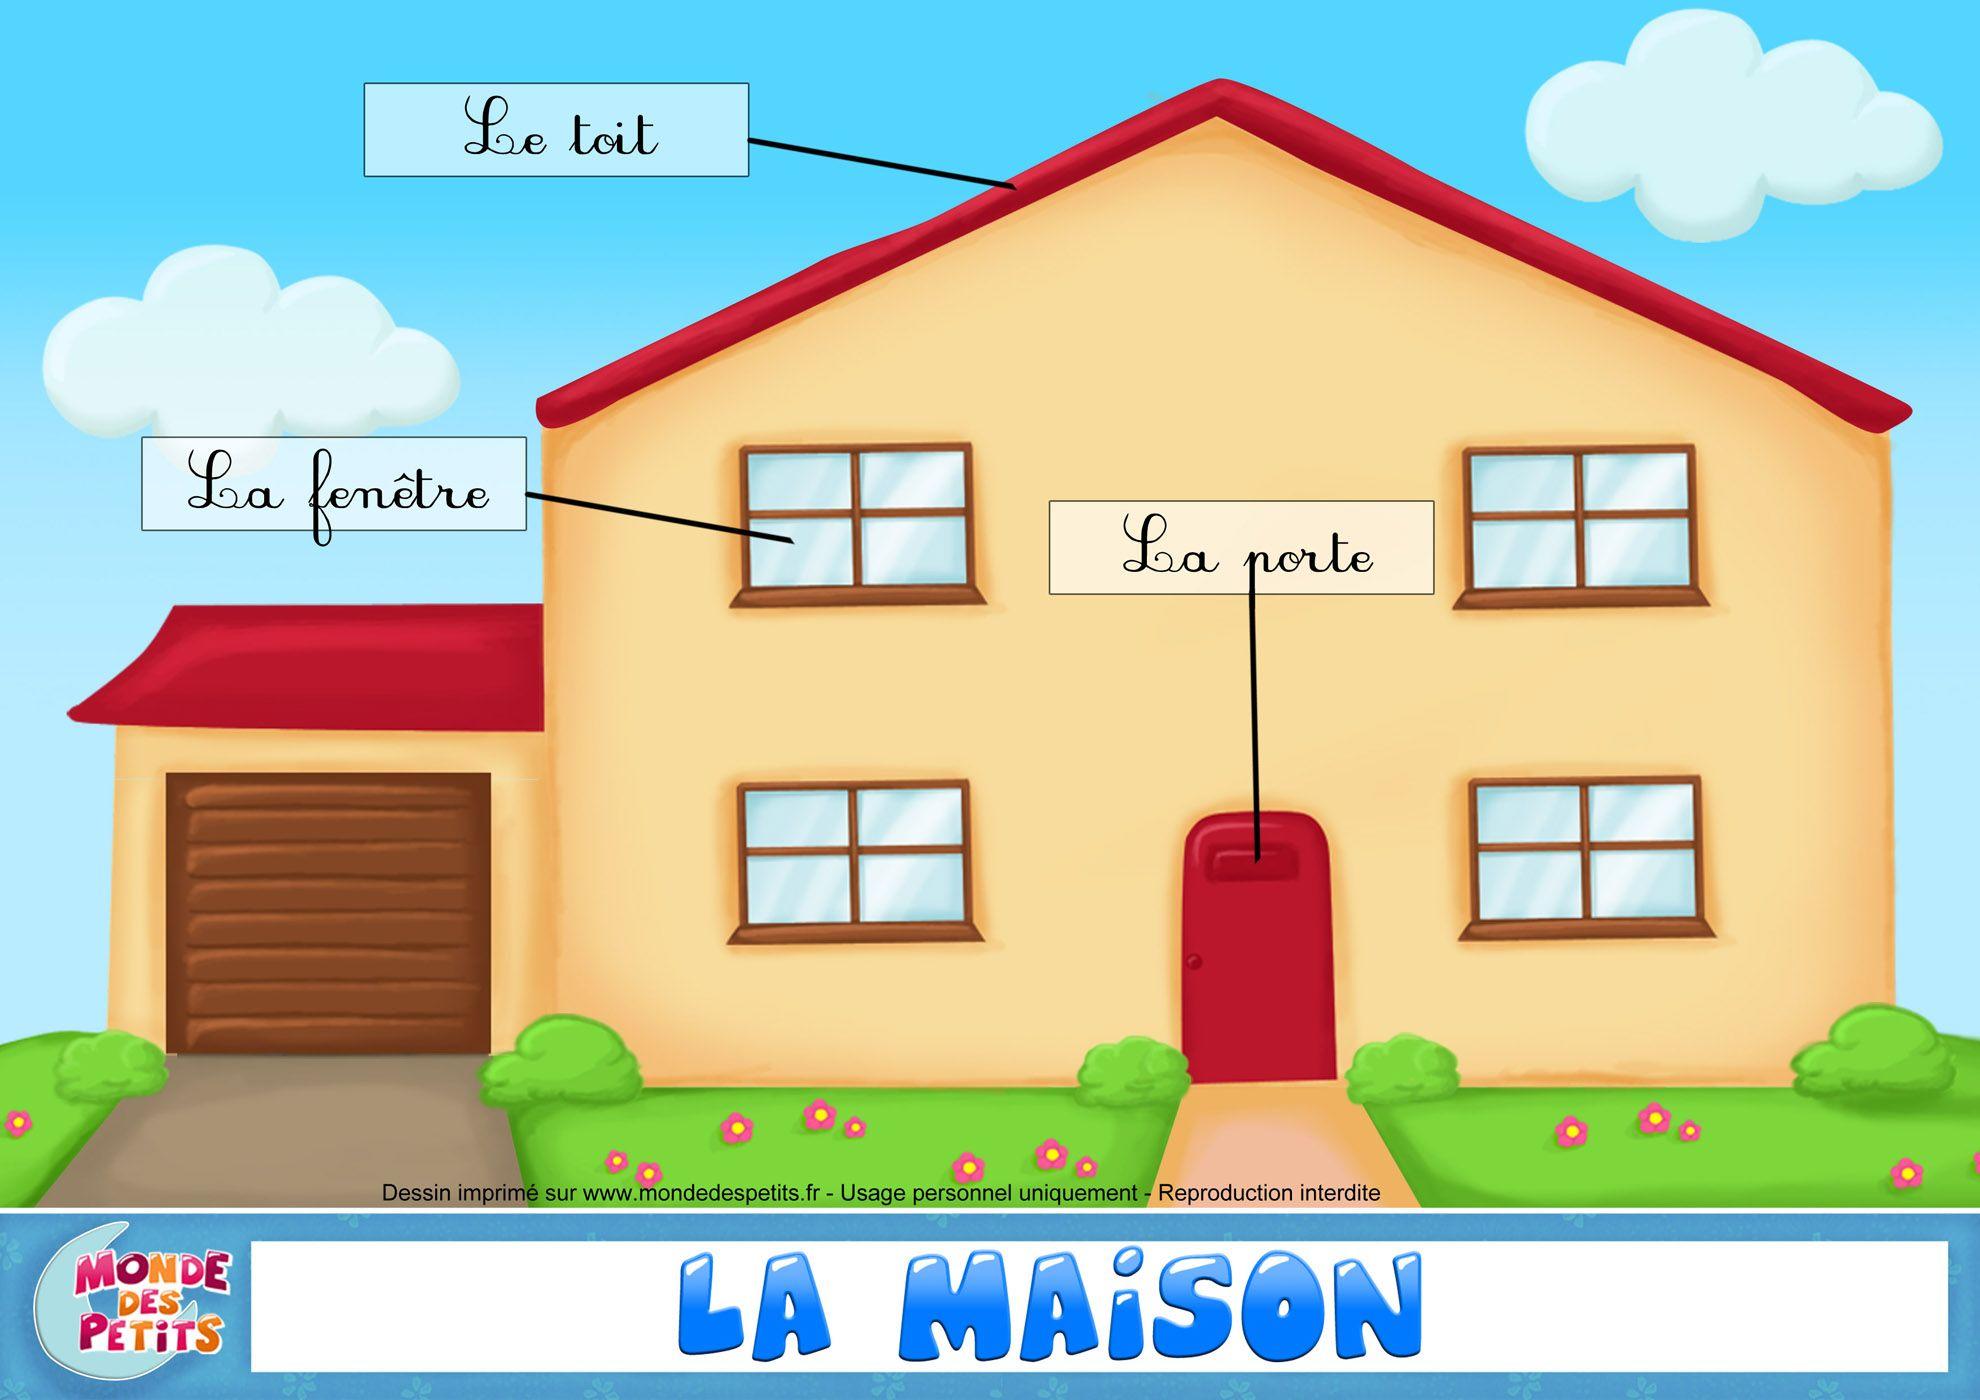 Apprendre Vocabulaire Maison Francais (1980×1400)